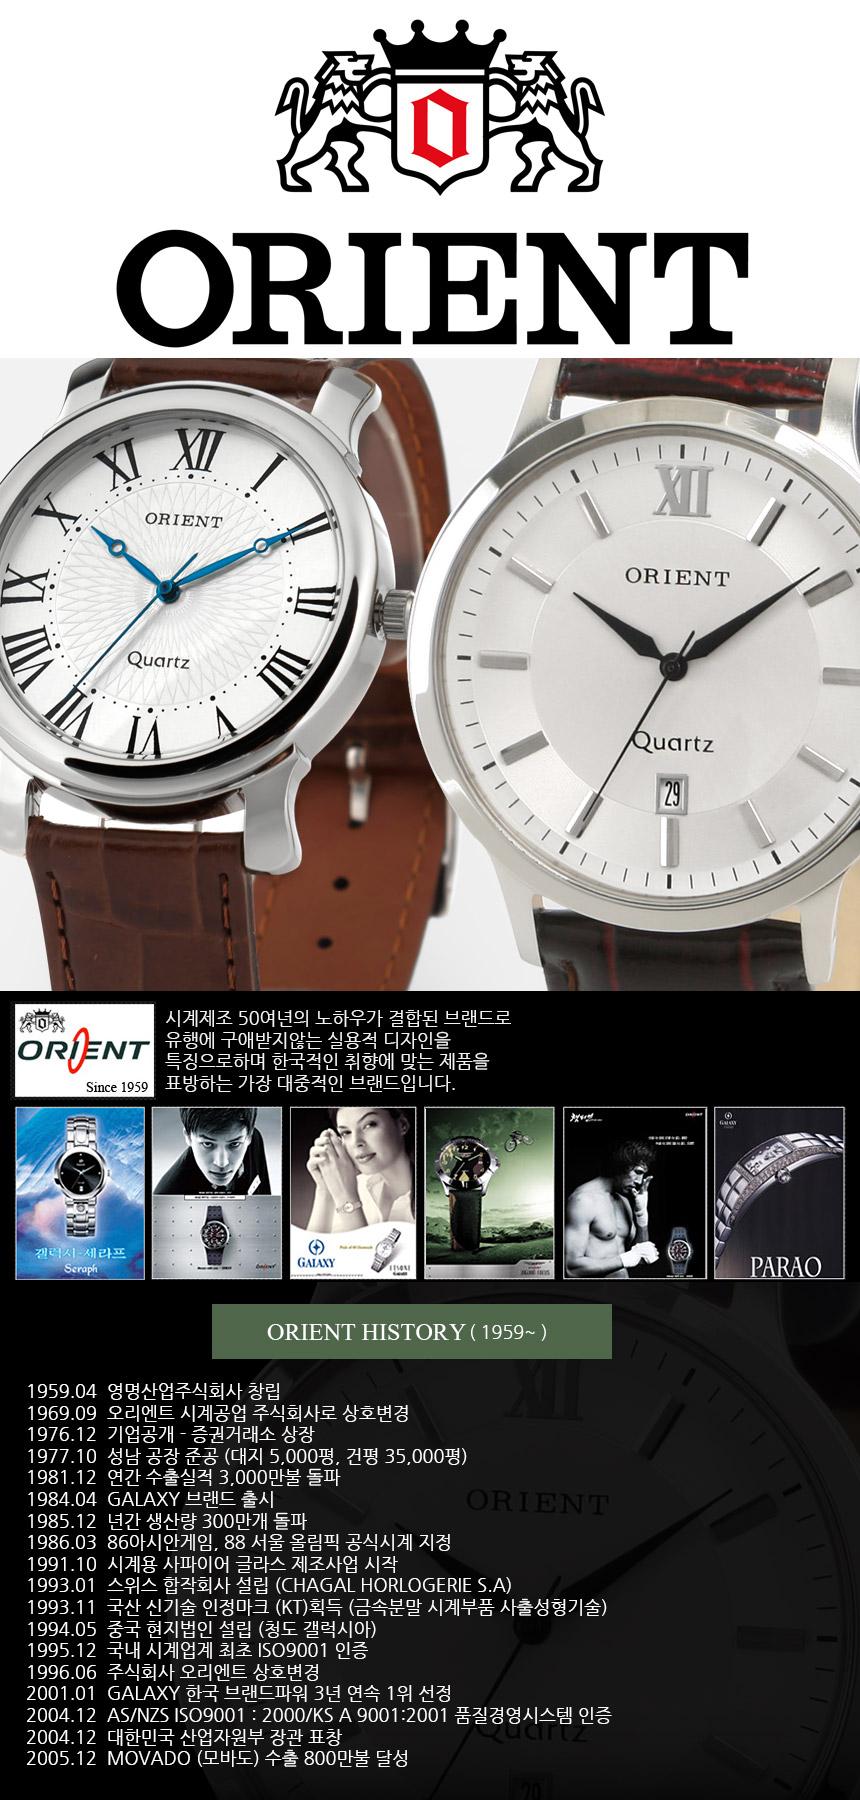 오리엔트(ORIENT) 국산 남성 가죽밴드 손목시계 OT5706WH